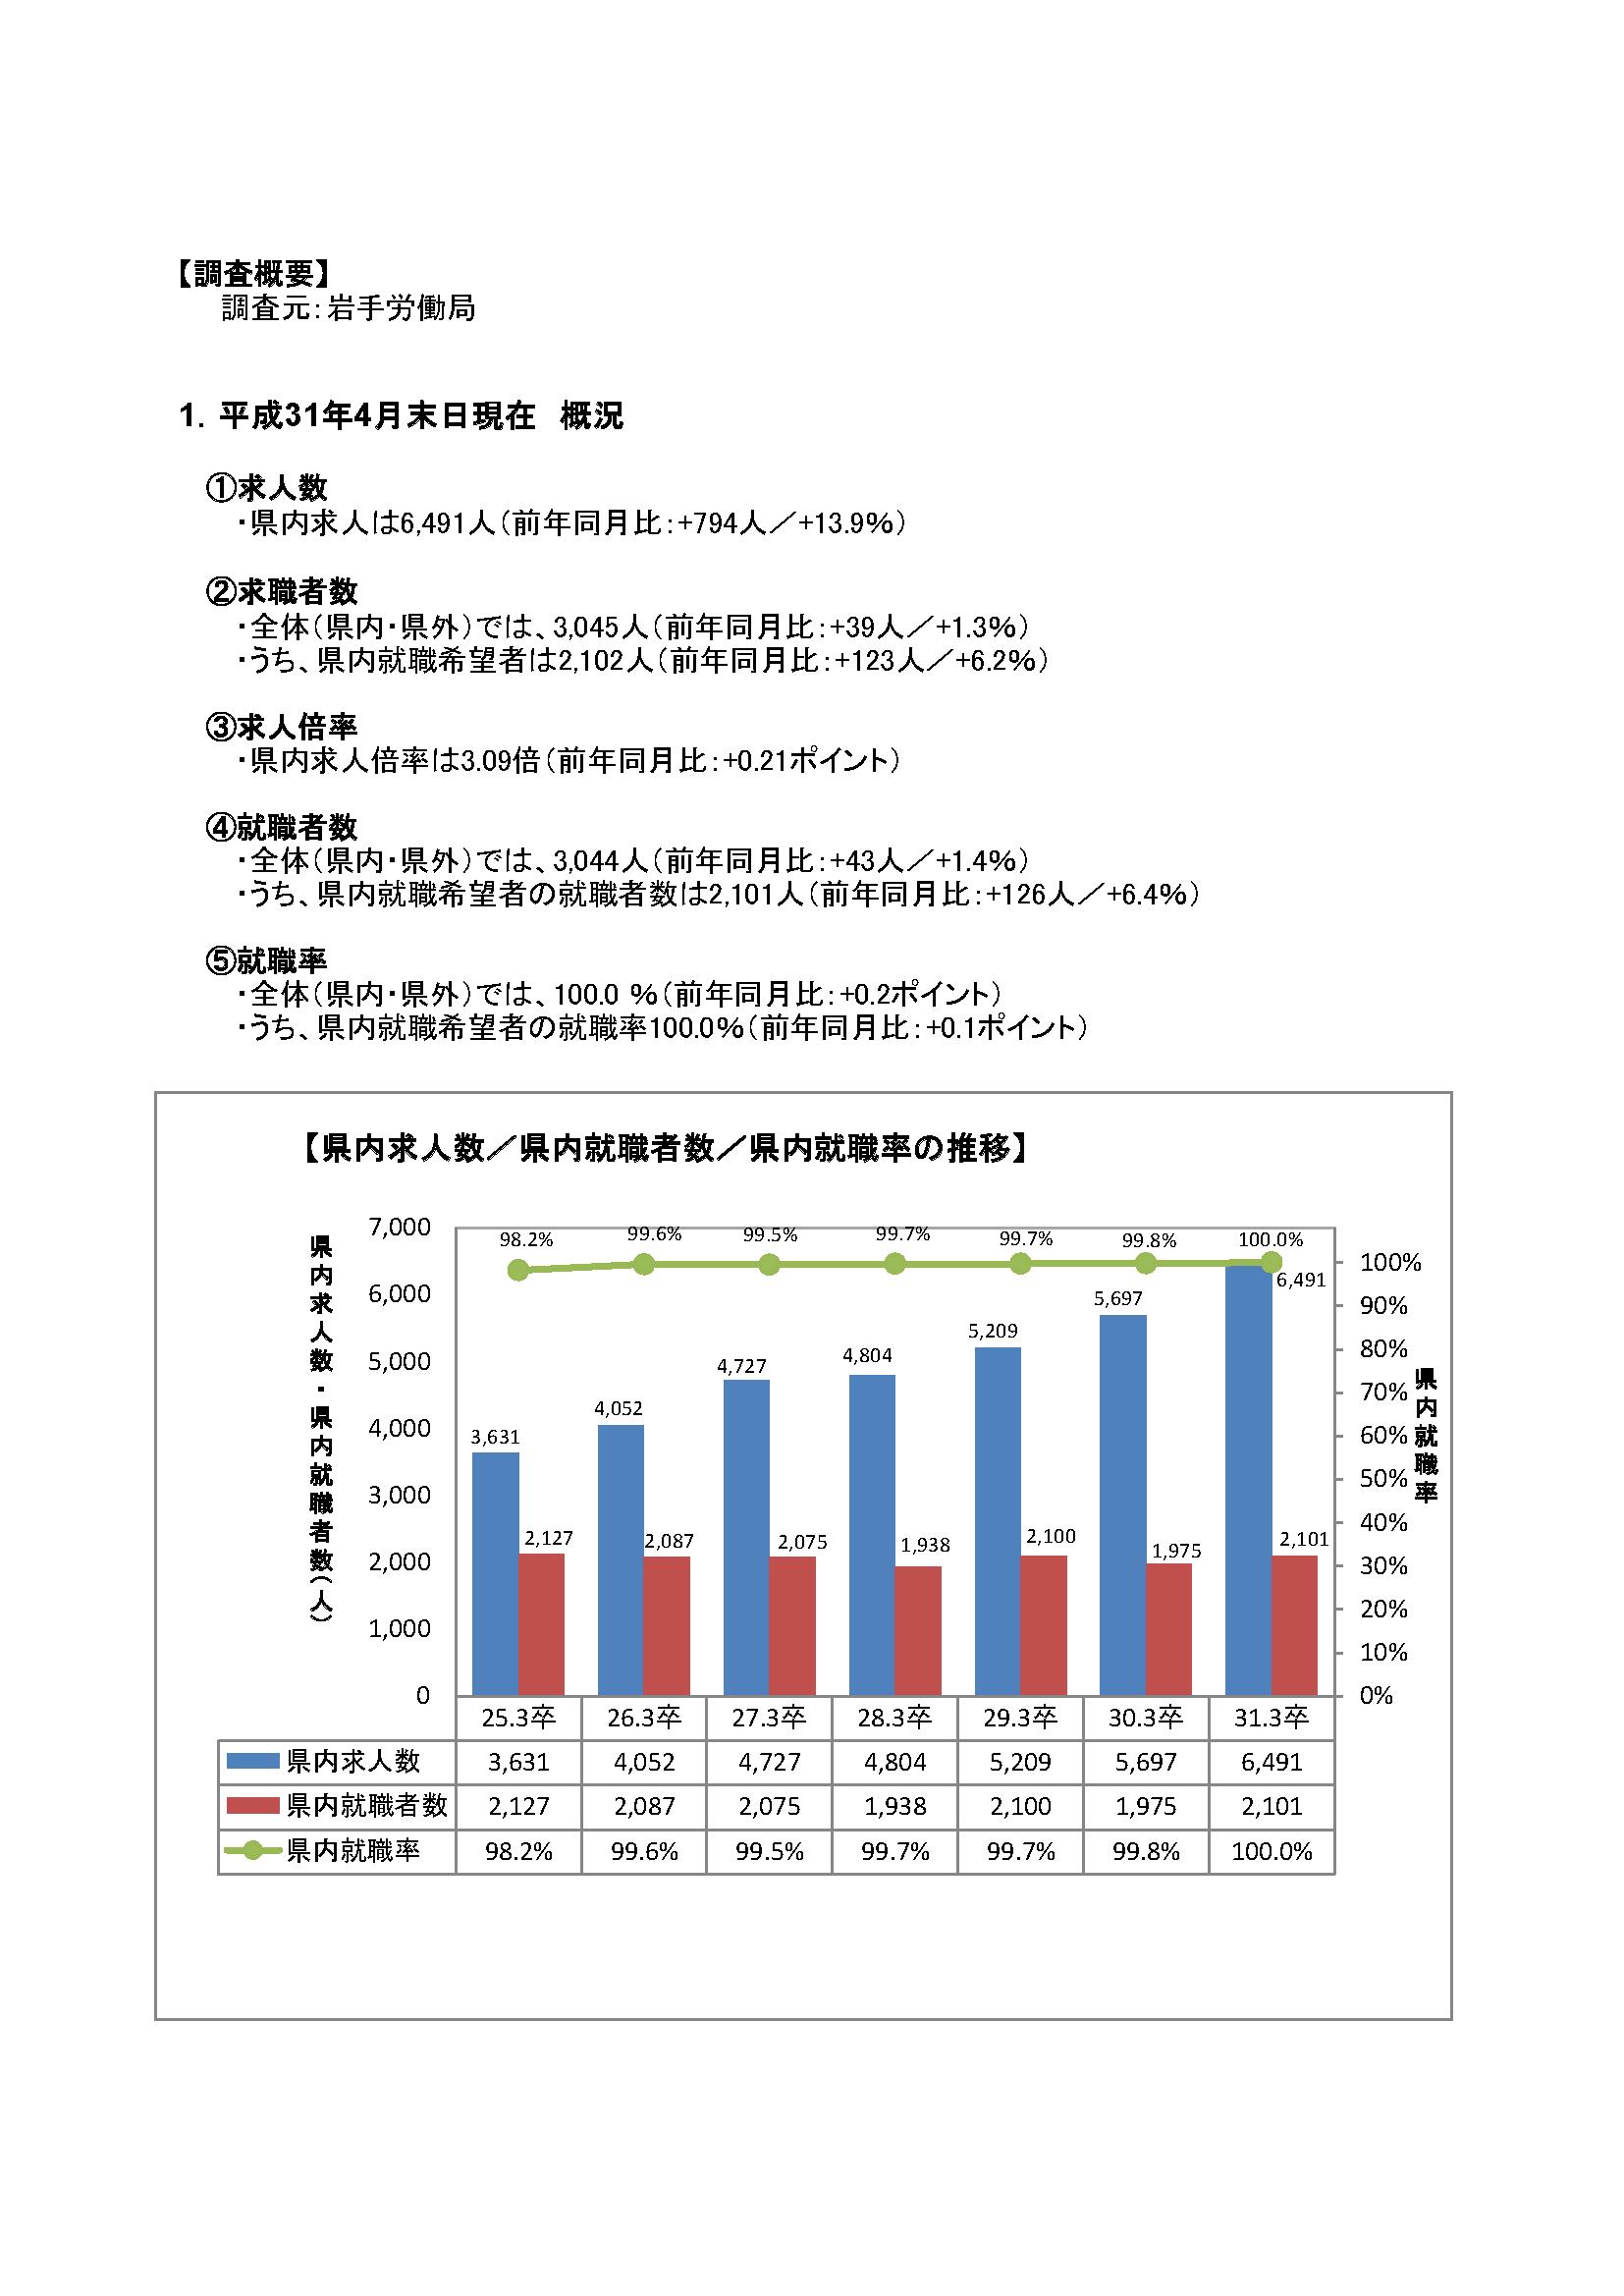 H31.3月高卒者職業紹介状況資料(201904月末現在)